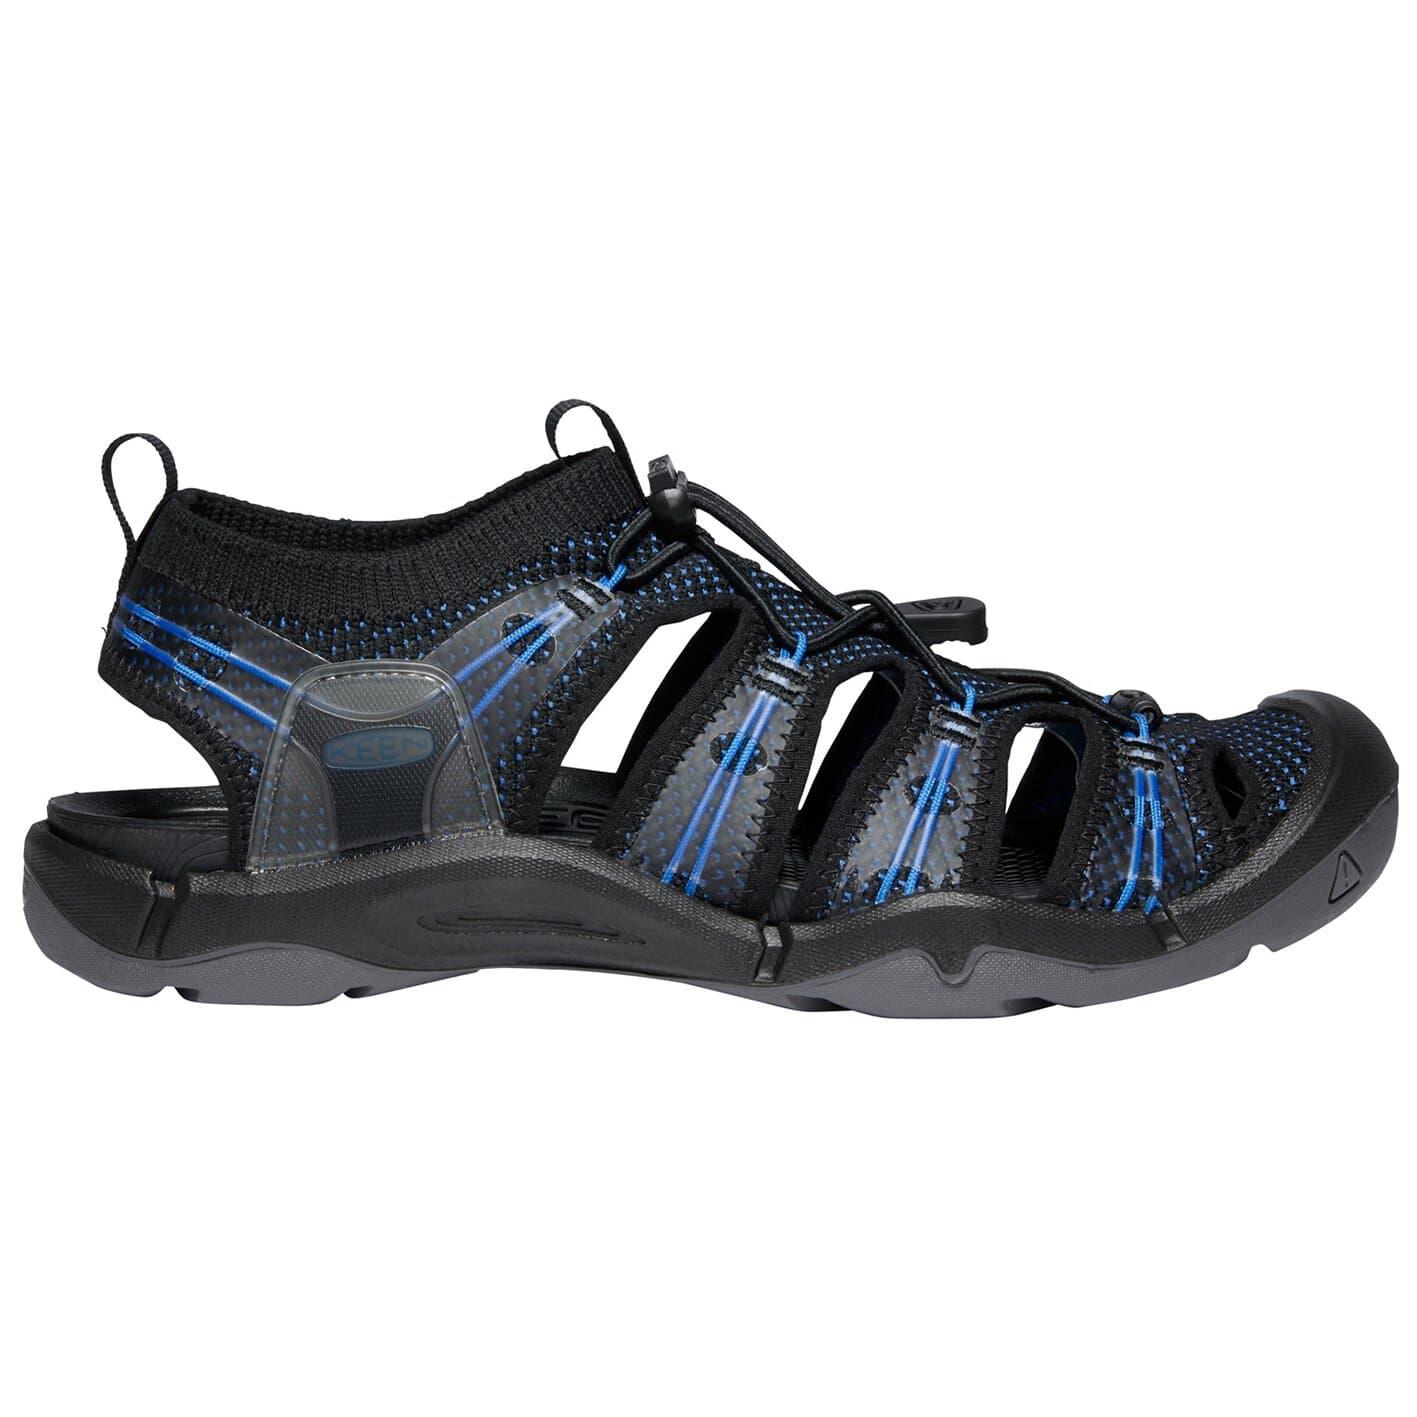 Keen Evofit 1 Sandales pour homme